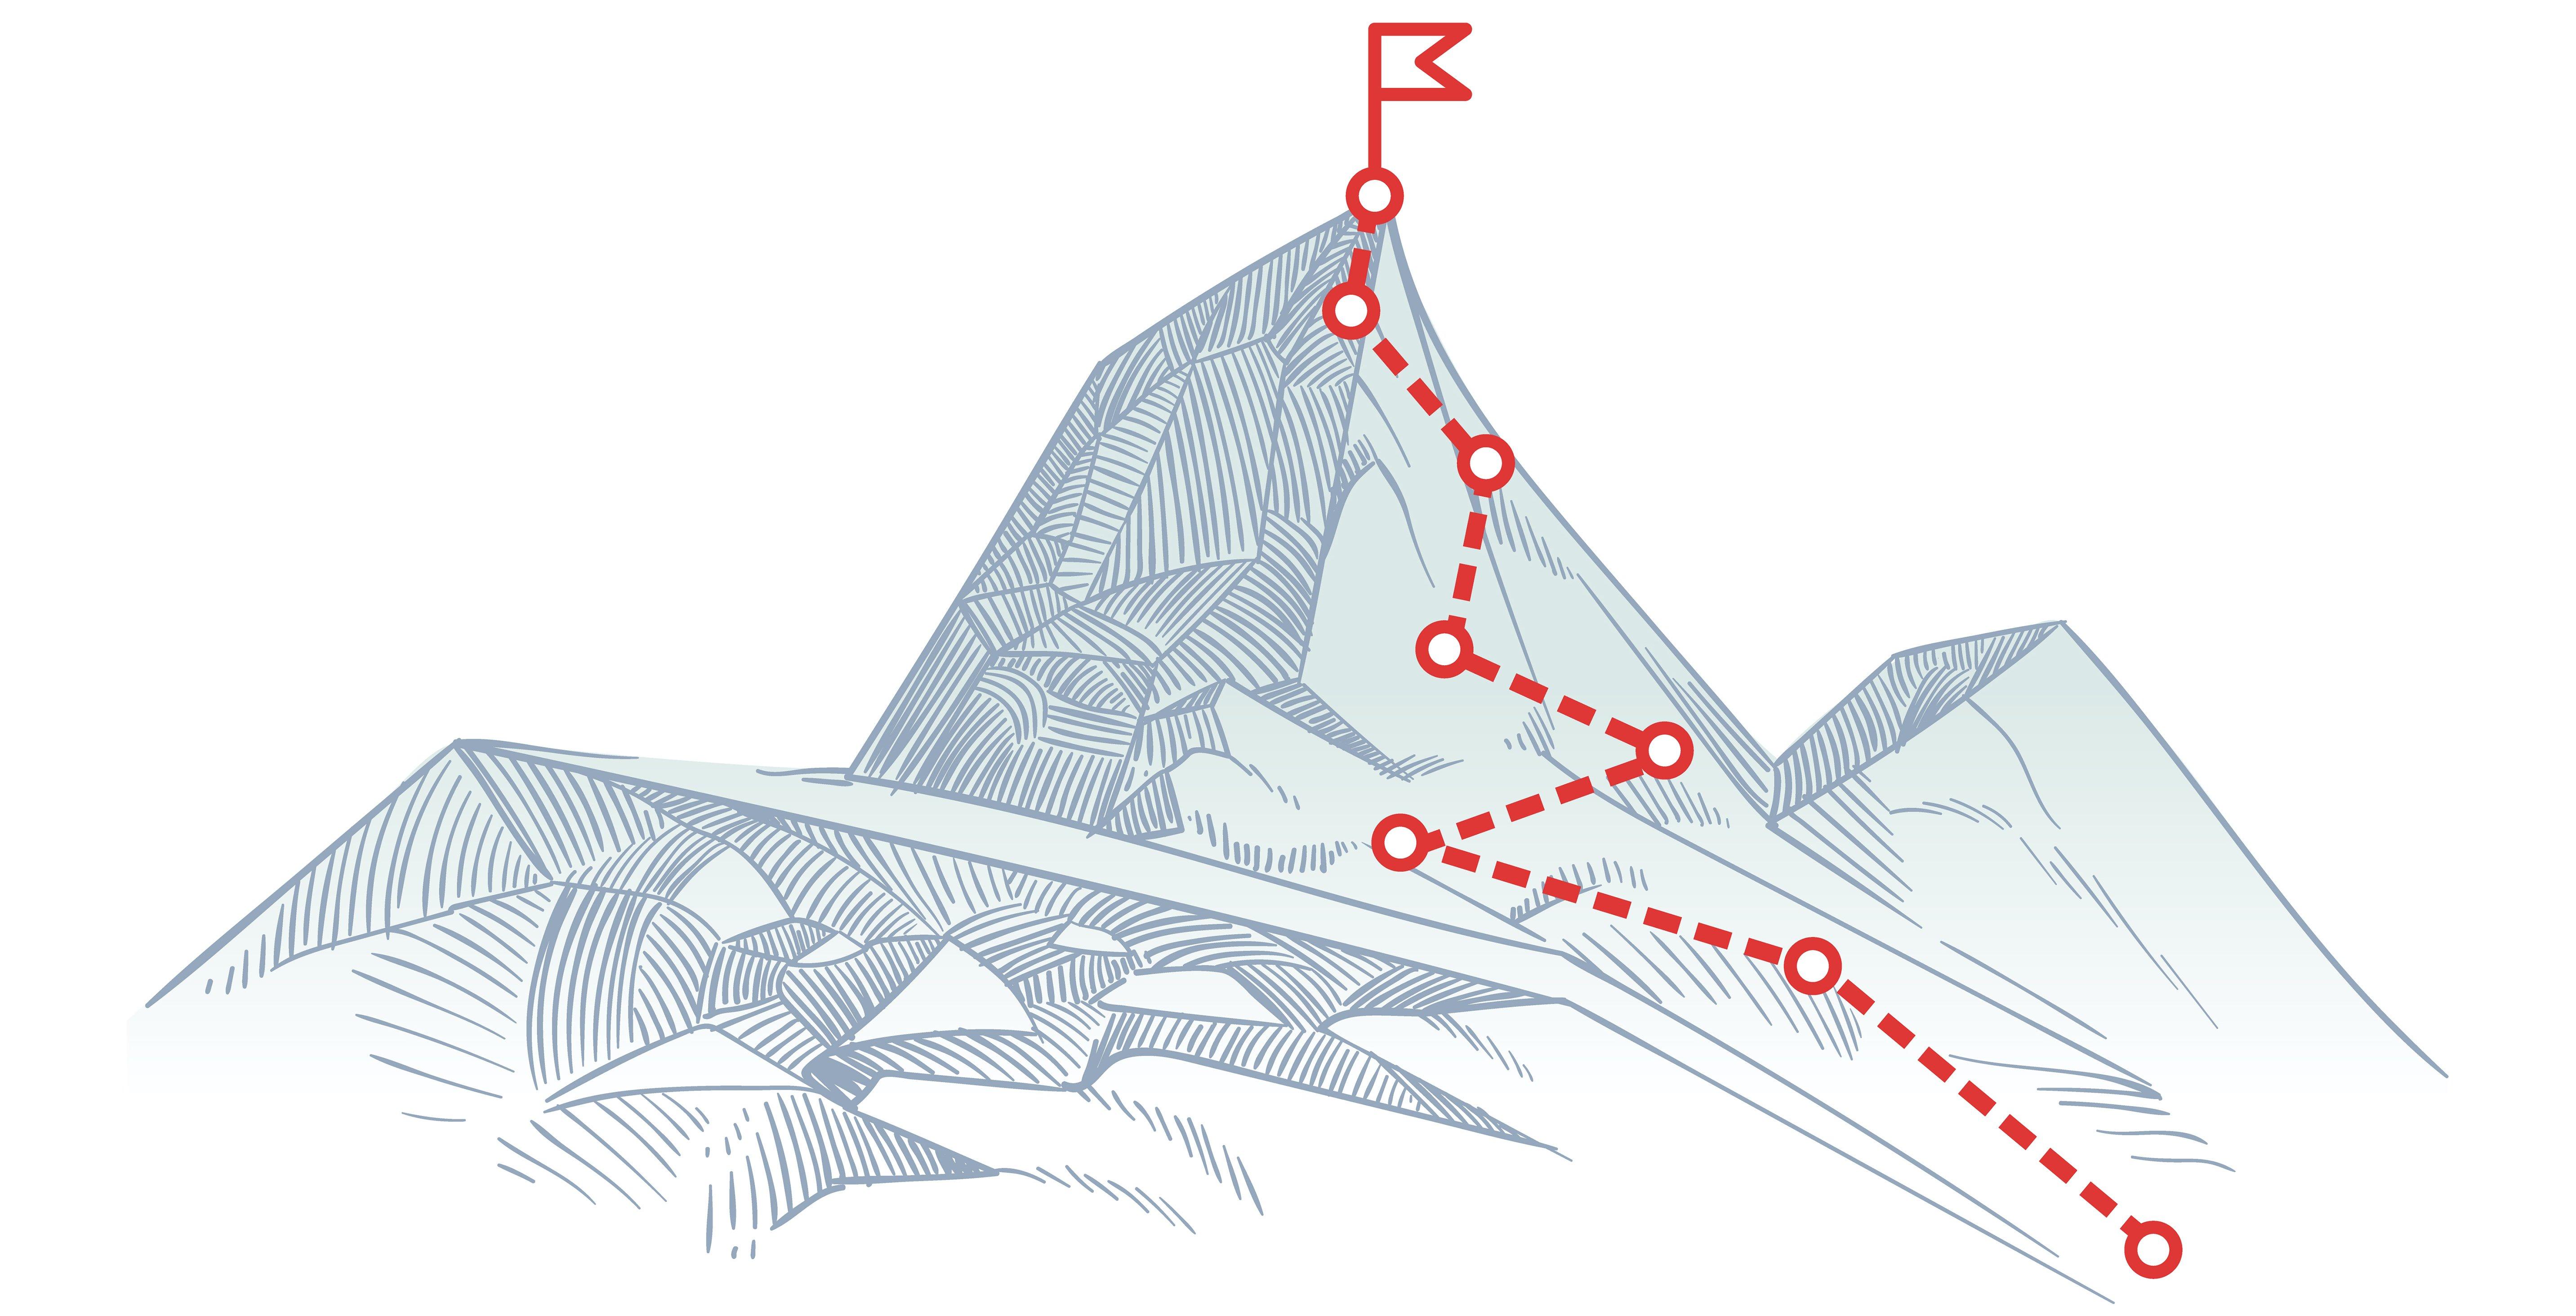 Coordinates to a mountain peak